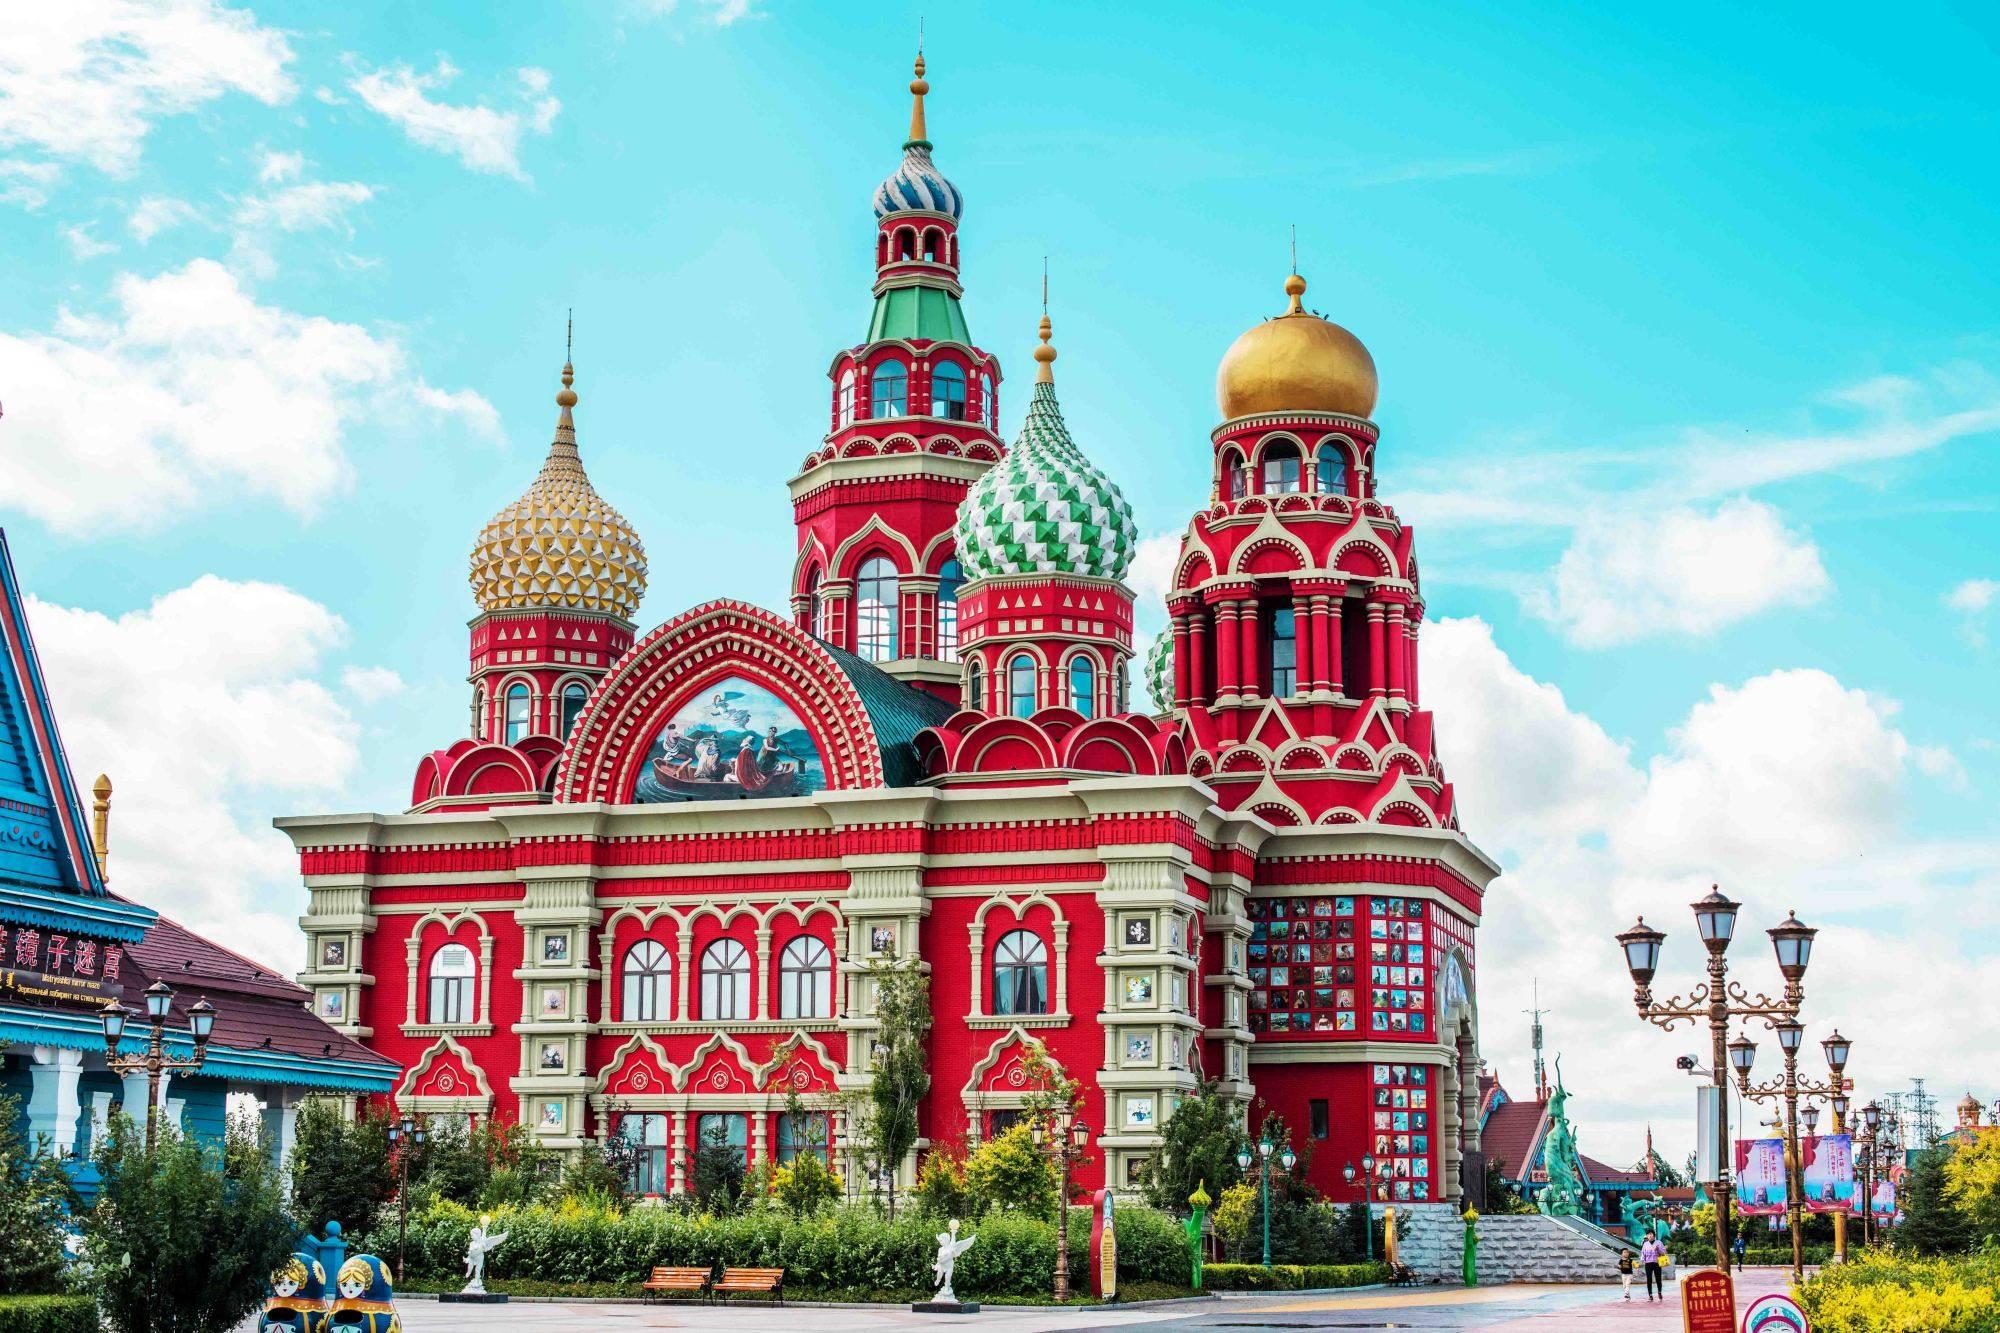 """原创             呼伦贝尔套娃广场,满洲里的""""迪士尼"""",融合中、俄、蒙三国风情"""